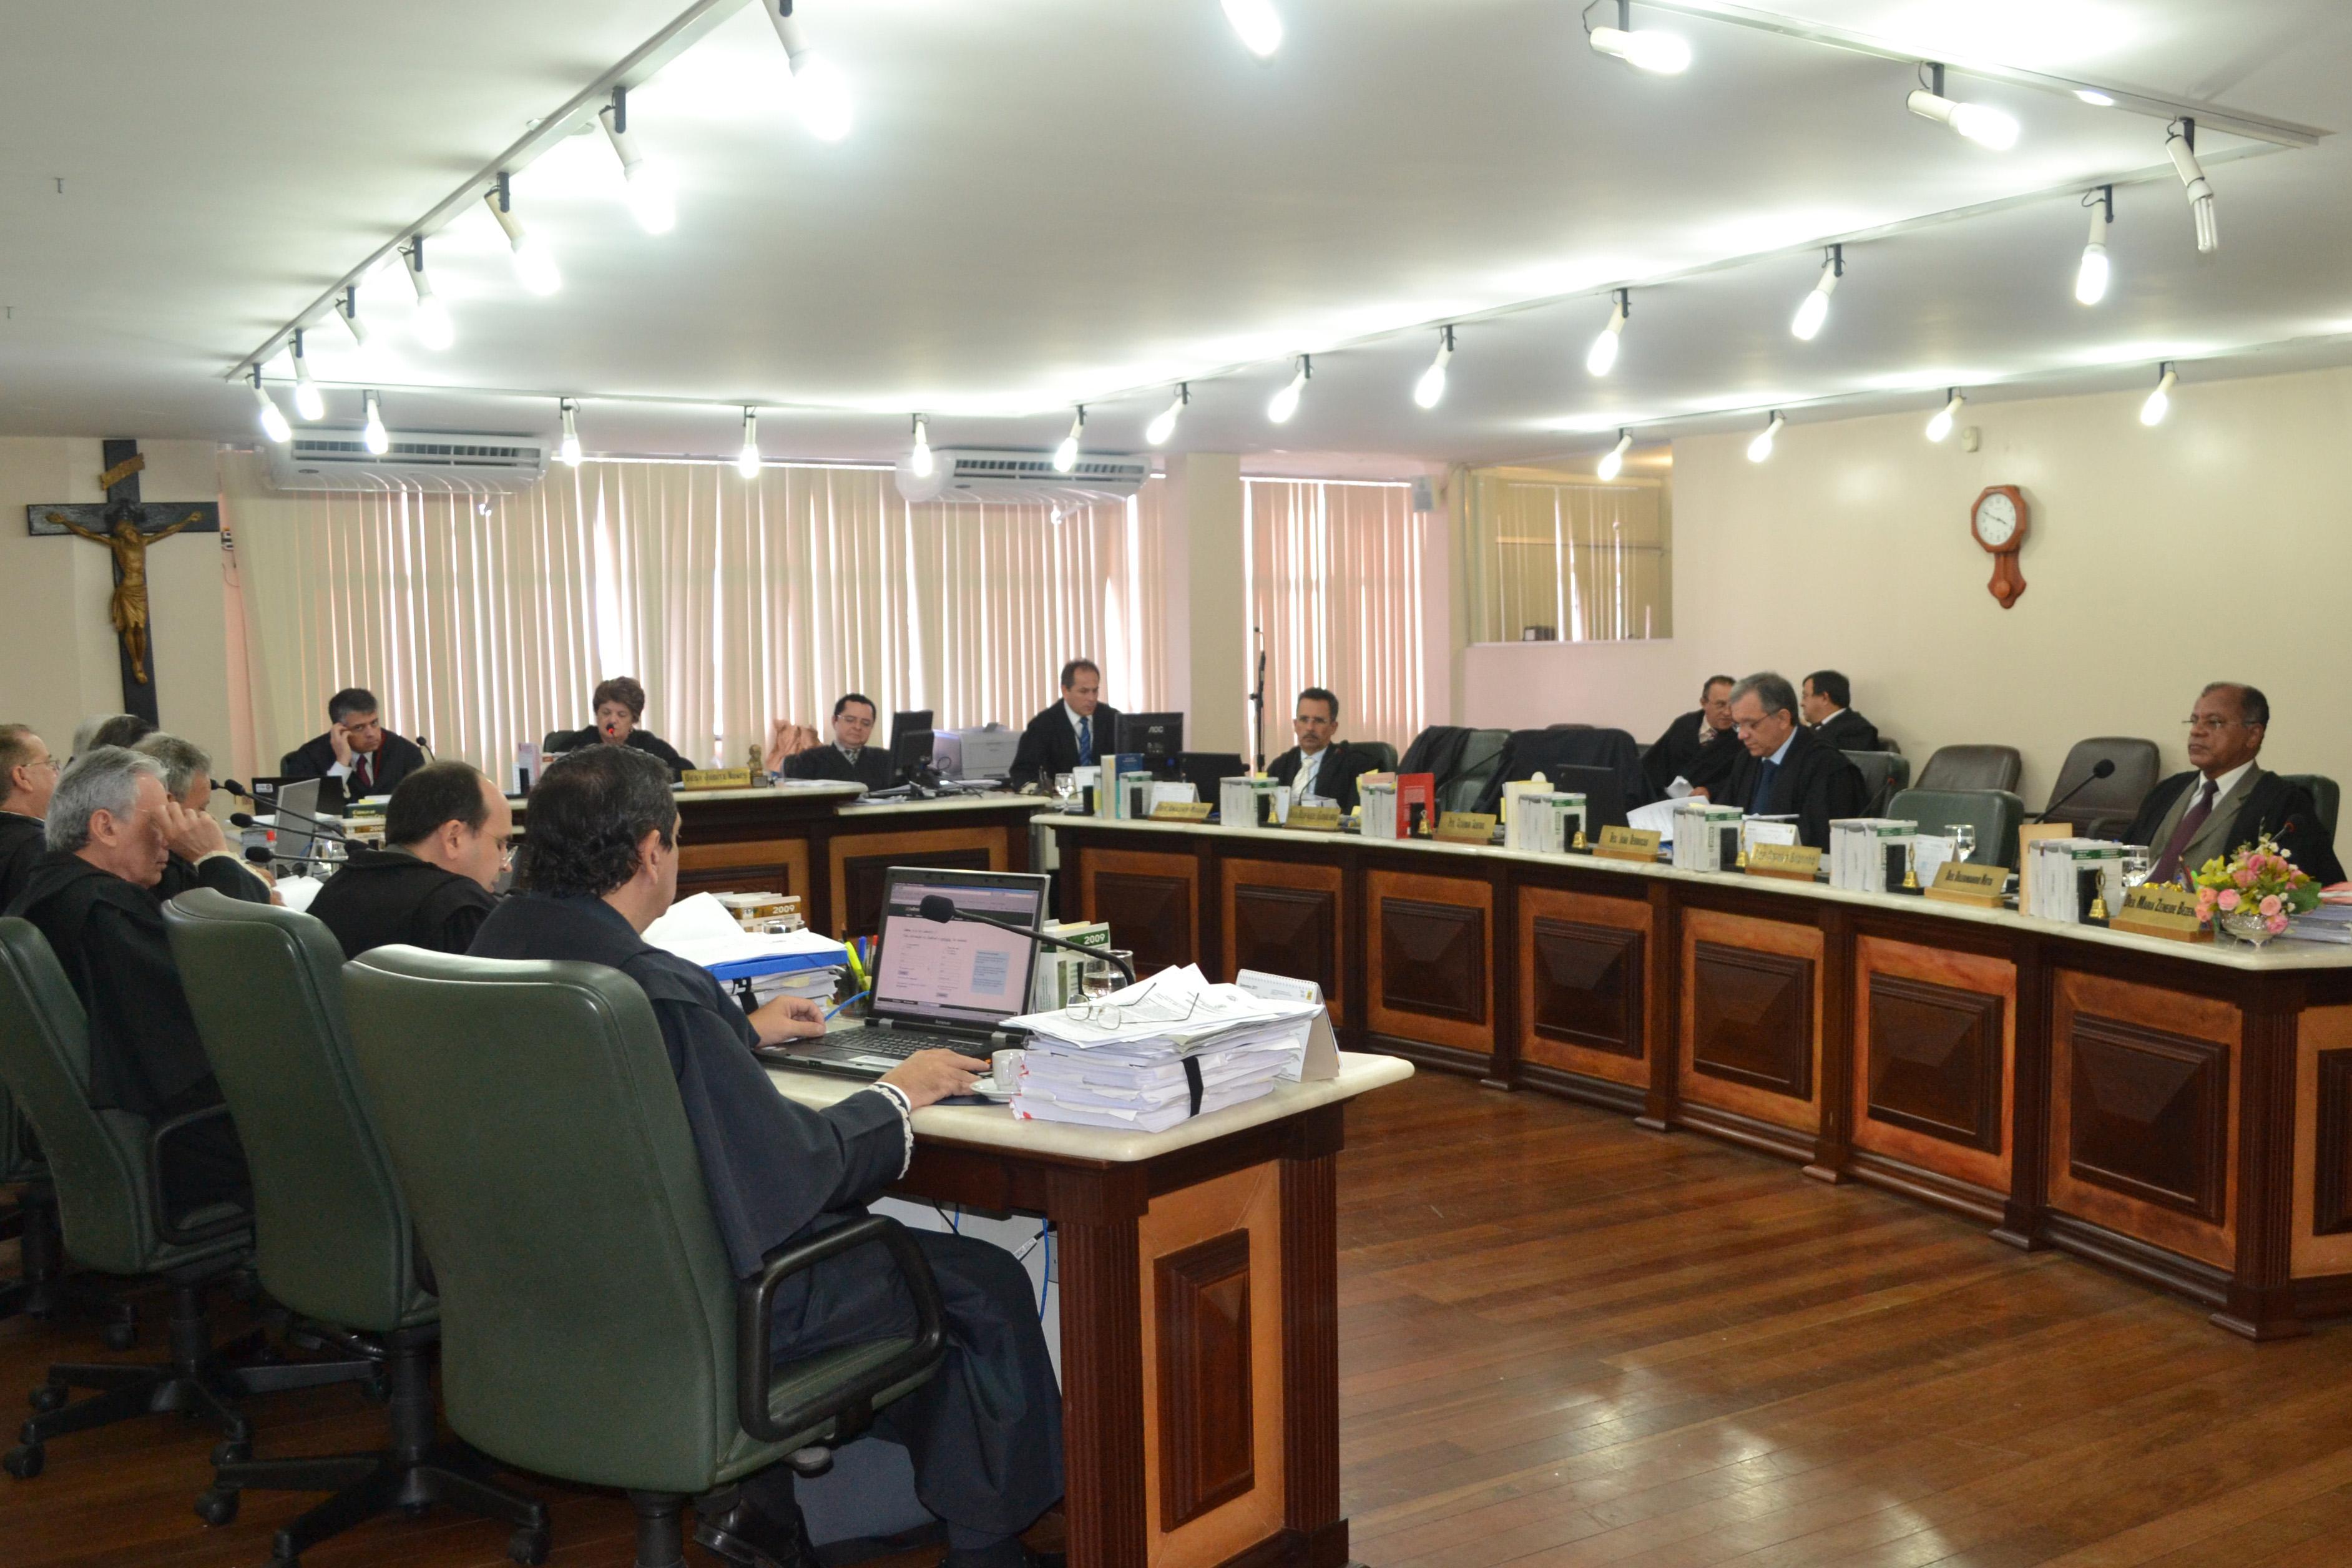 Pedido do Ministério Público foi analisado ontem pelos desembargadores do Tribunal de Justiça